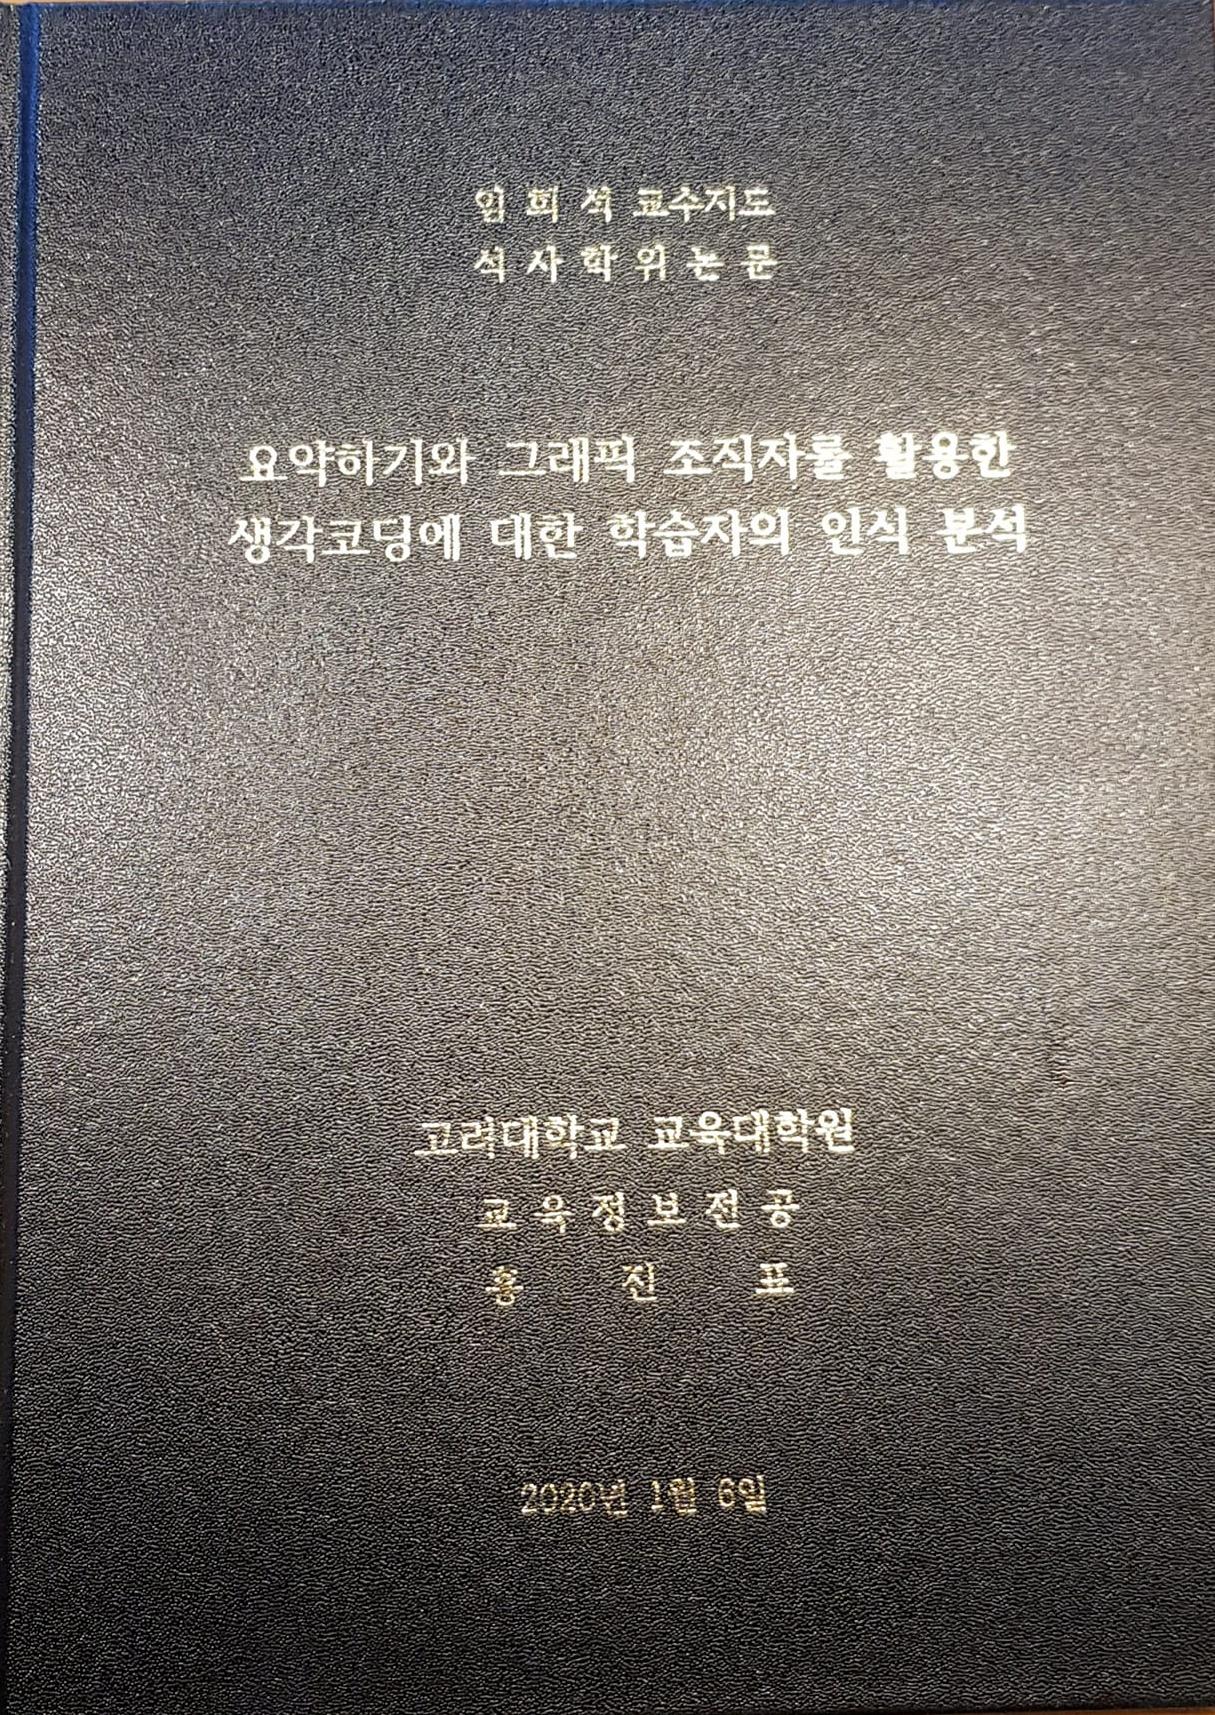 생각코딩 고려대학교 교육정보전공 석사학위논문